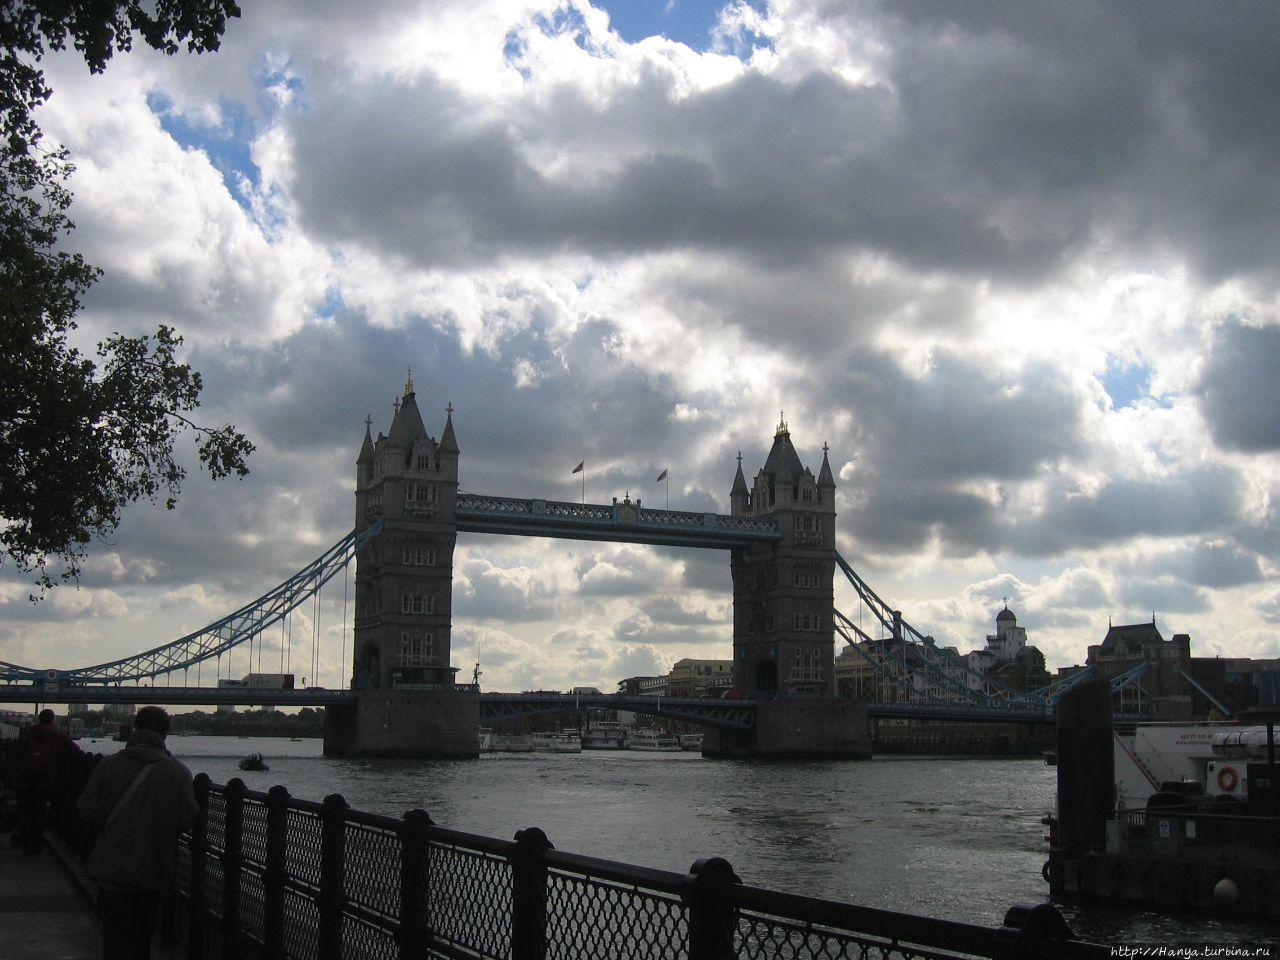 Тауэр-бридж в Лондоне